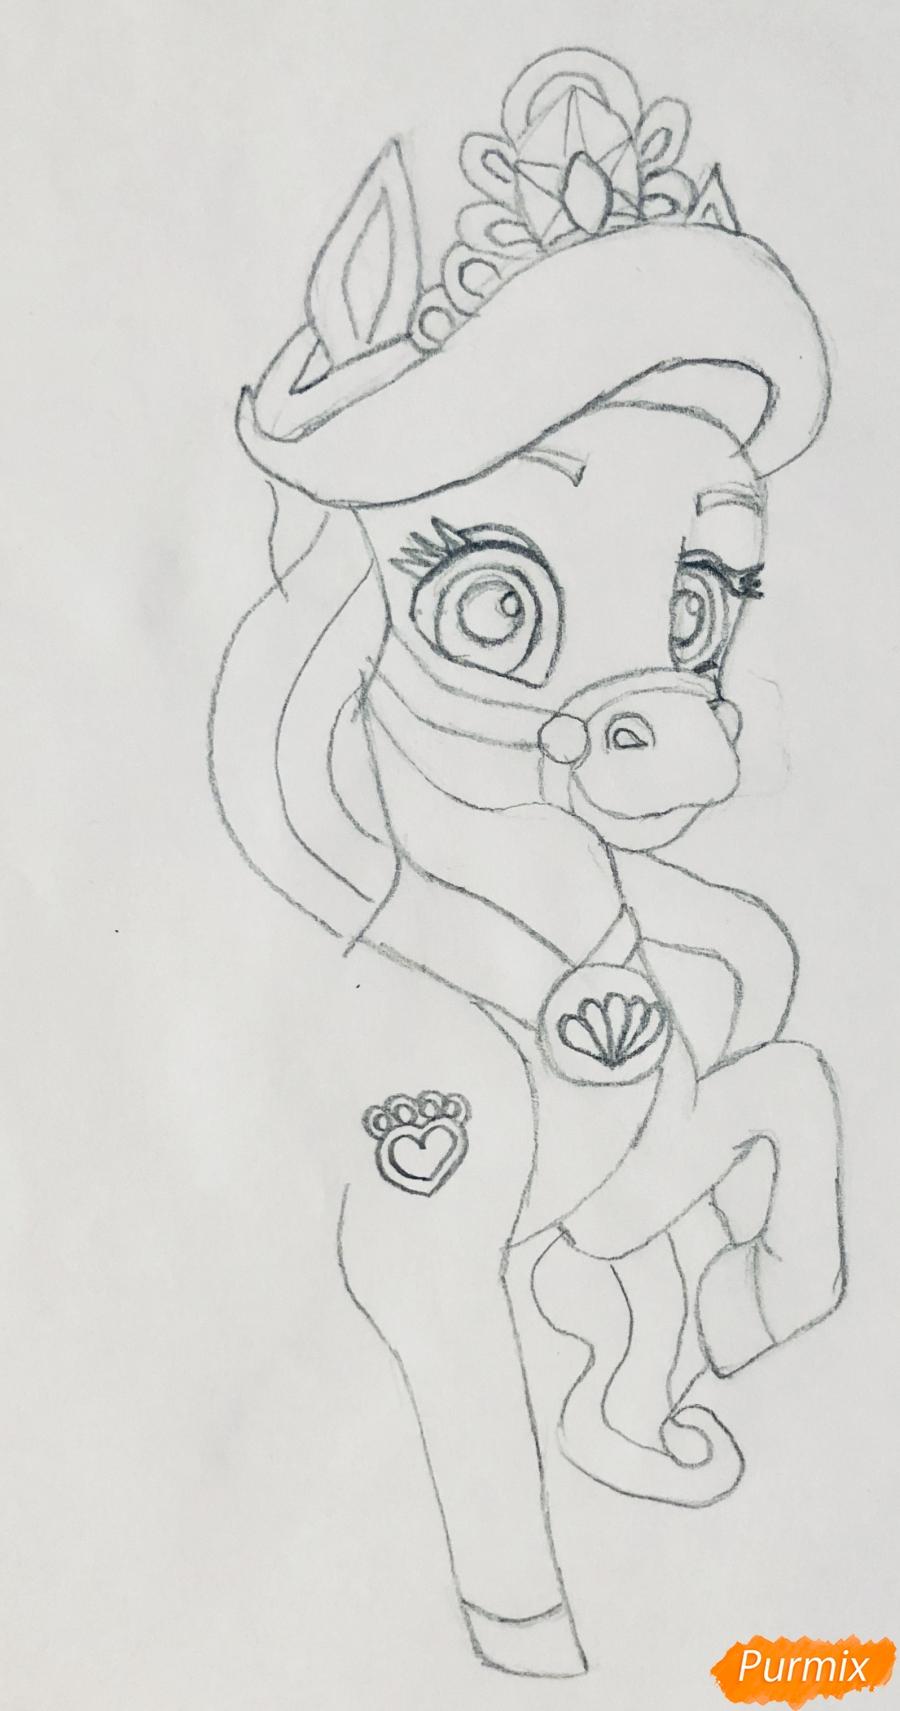 Рисуем лошадку Капельку питомца Ариэль из мультфильма Palace Pets - шаг 5